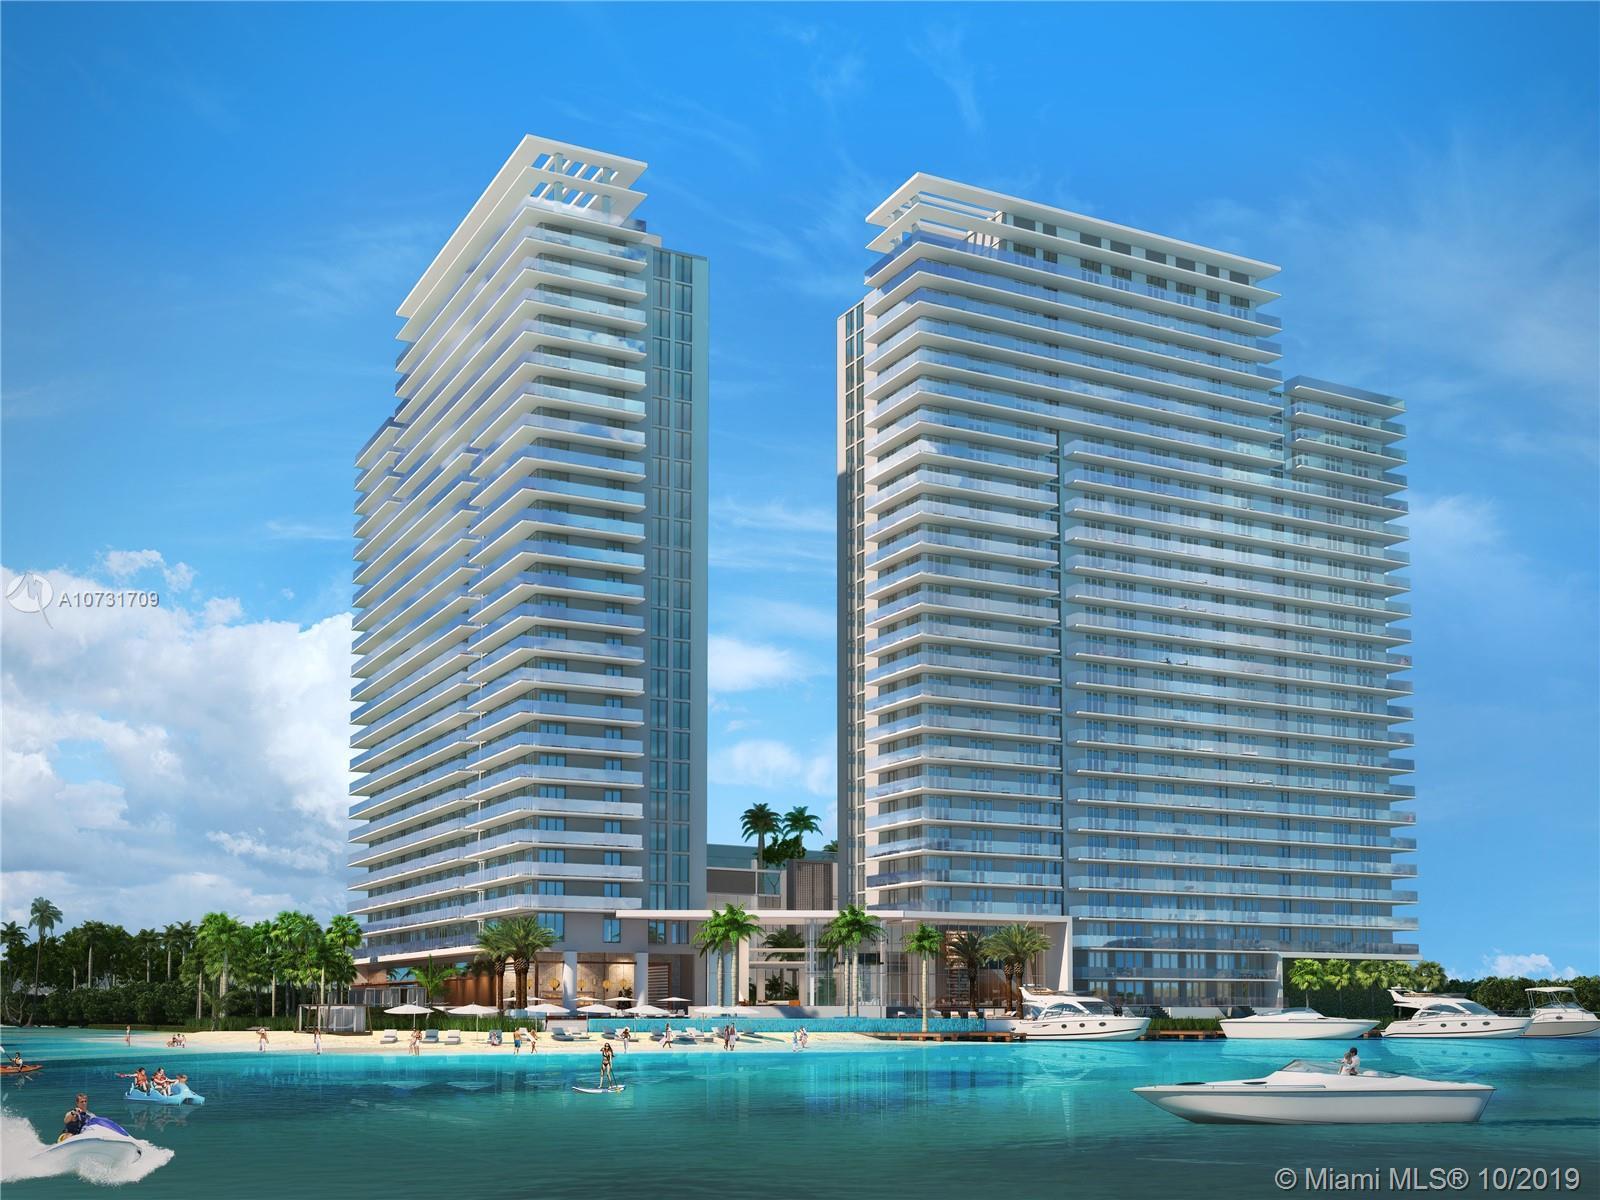 16385 Biscayne Blvd 1516, Miami, FL 33160